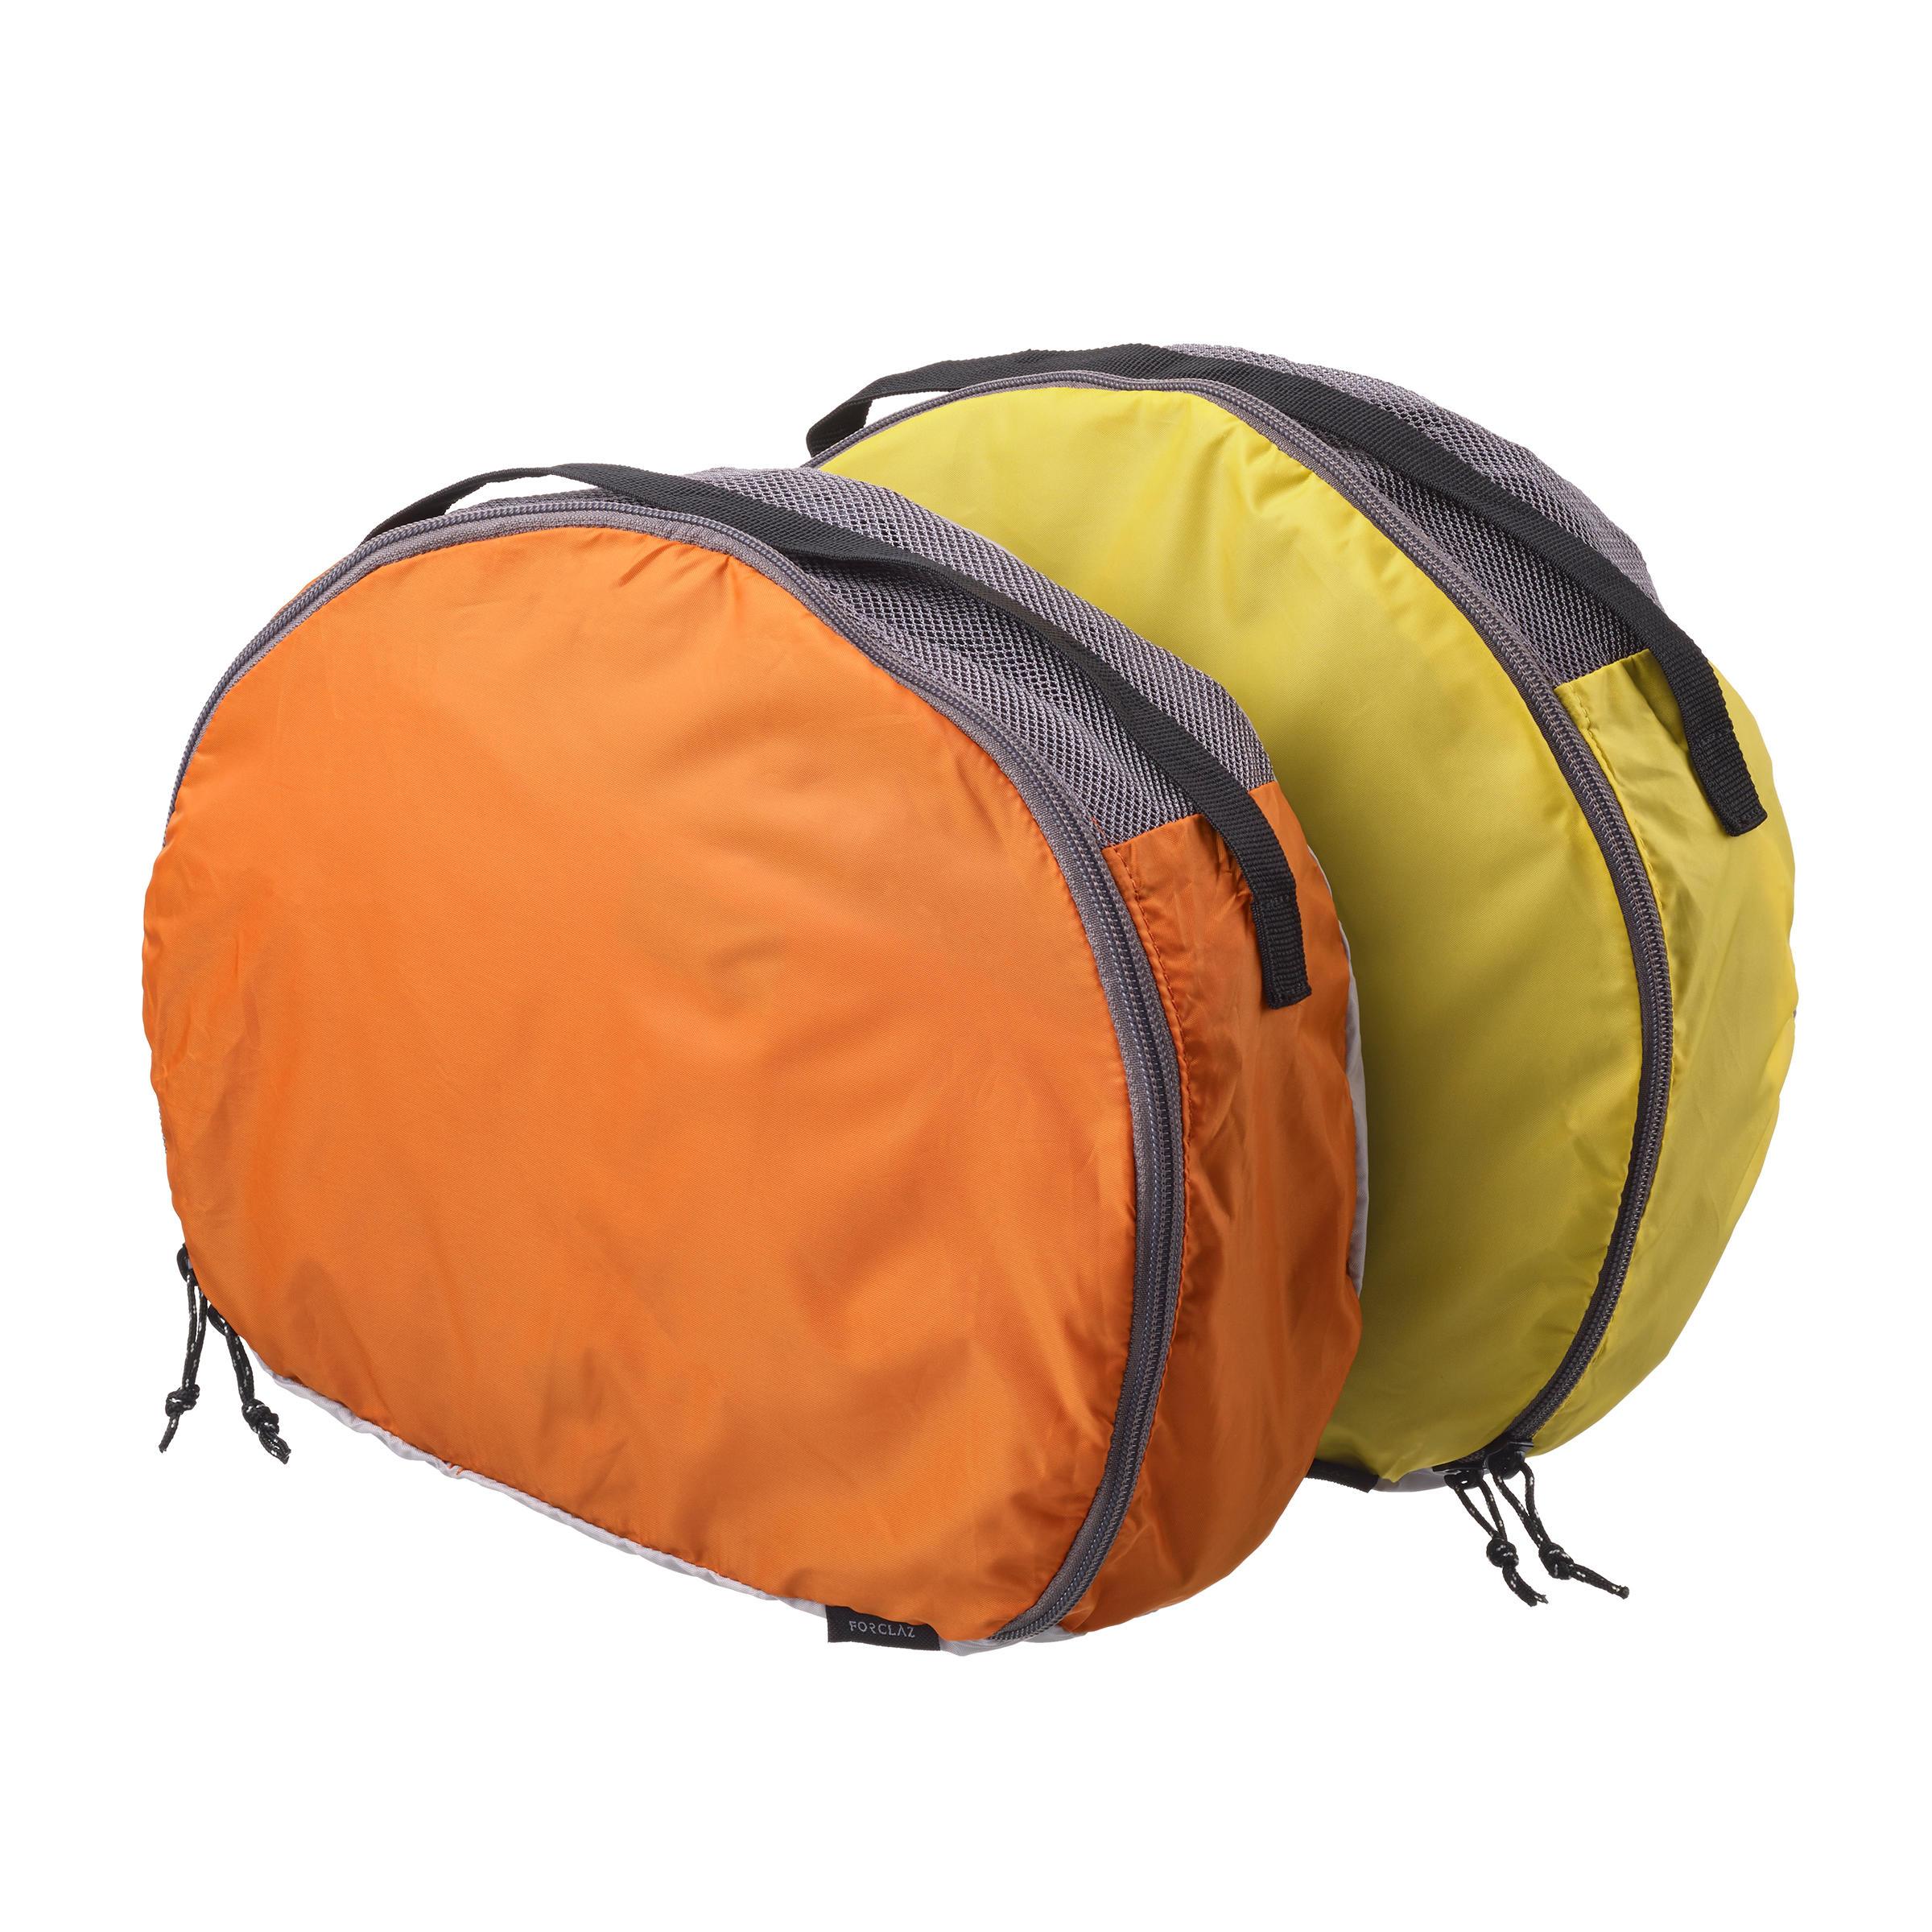 a6c0358fa82 Regenhoezen rugzakken voor trekking   Pagina 2   Decathlon